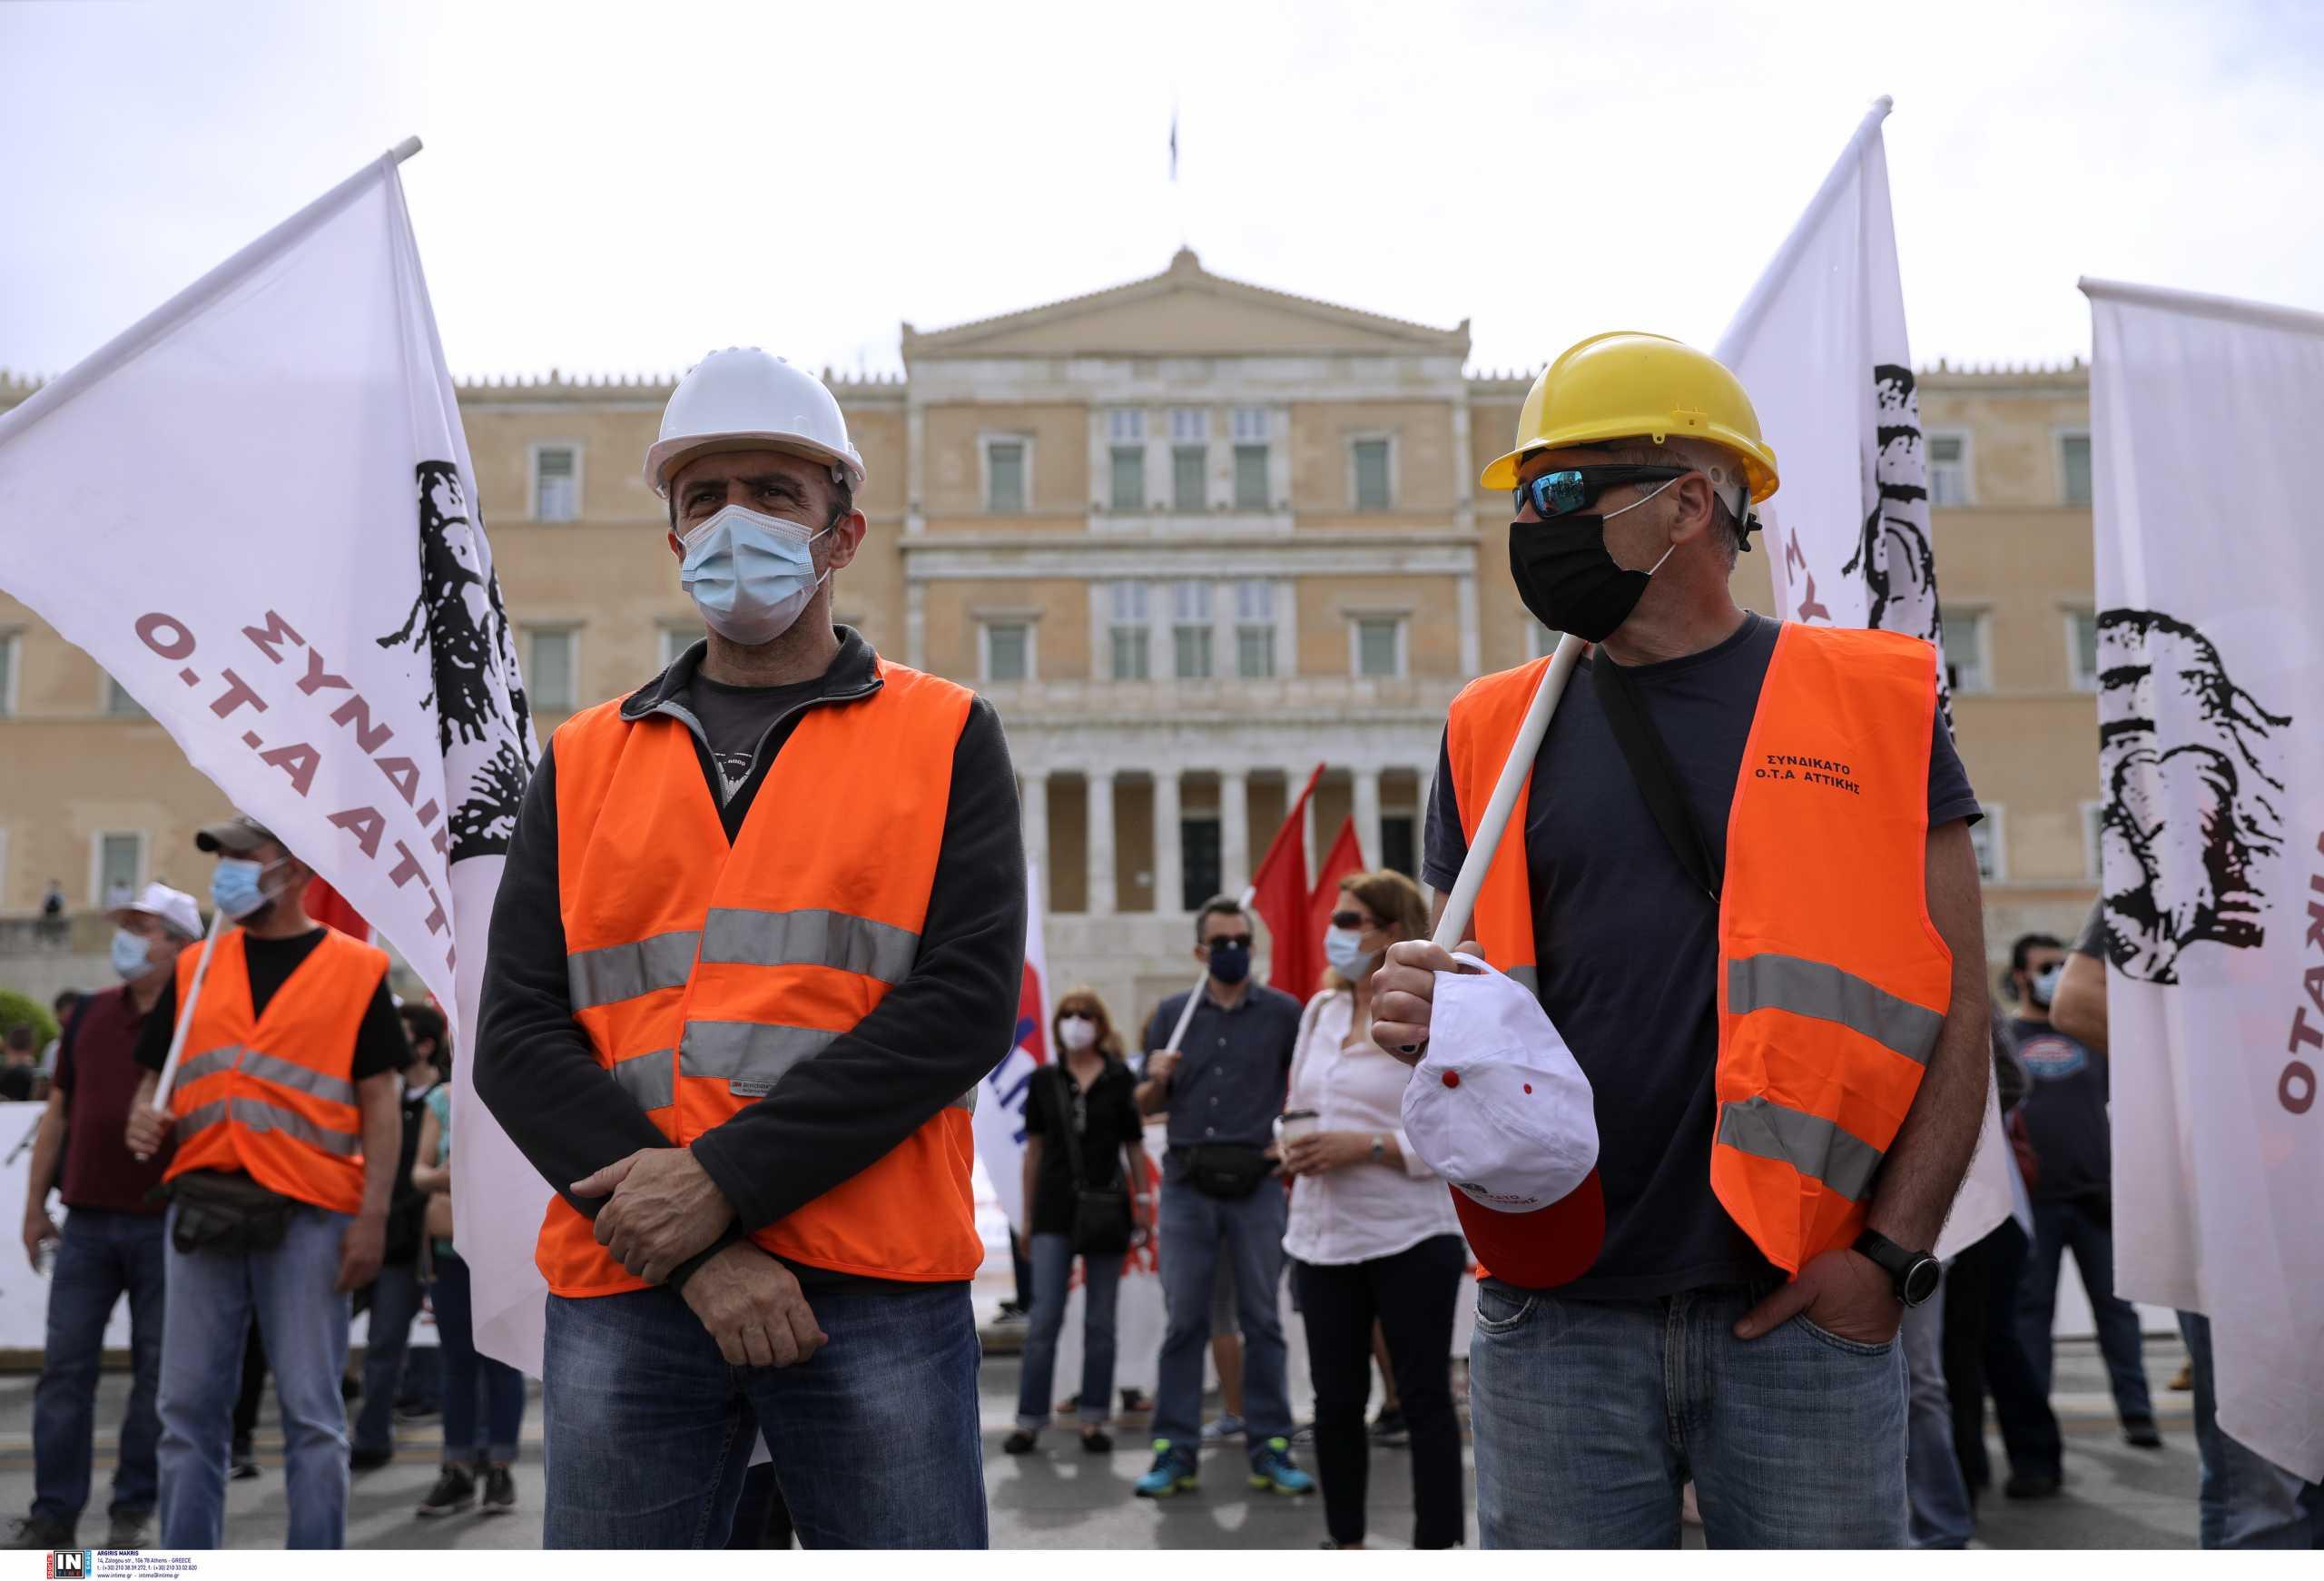 ΠΑΜΕ: Συγκέντρωση στο Σύνταγμα για την Εργατική Πρωτομαγιά